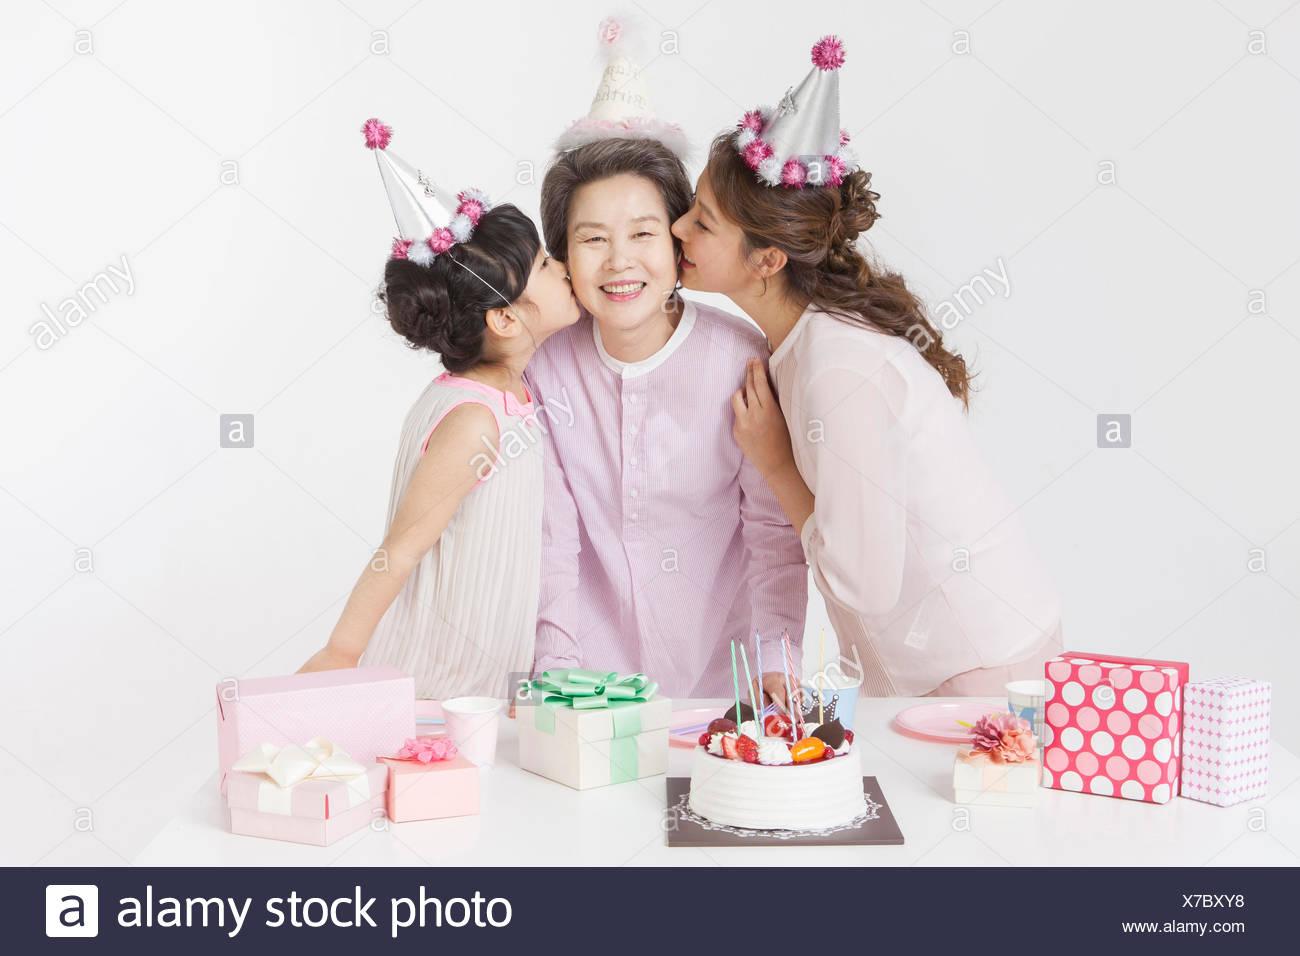 Madre E Hija Besar A La Abuela Sonriendo Todo En Sombreros De Fiesta